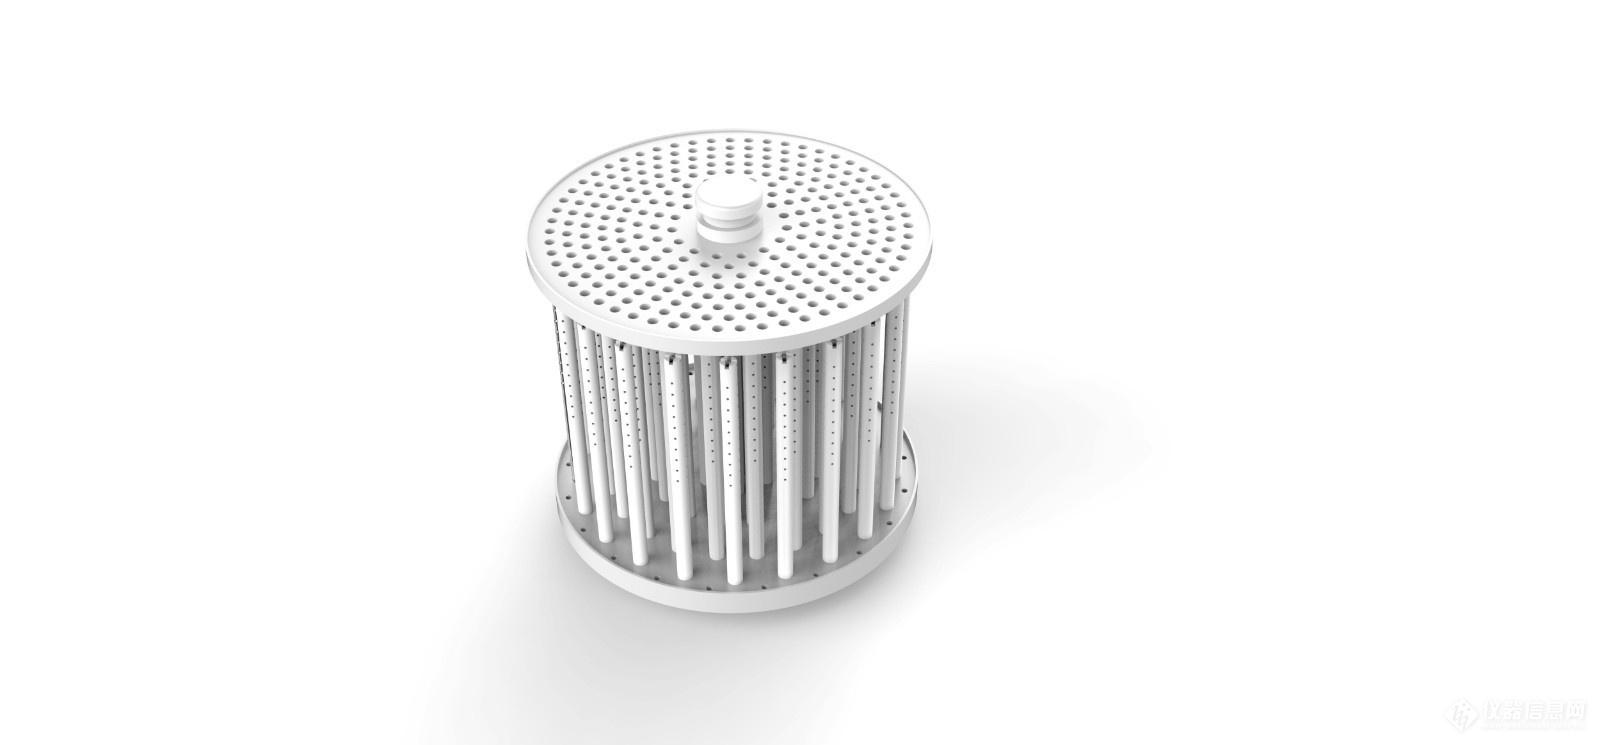 酸蒸逆流清洗器清洗架.jpg